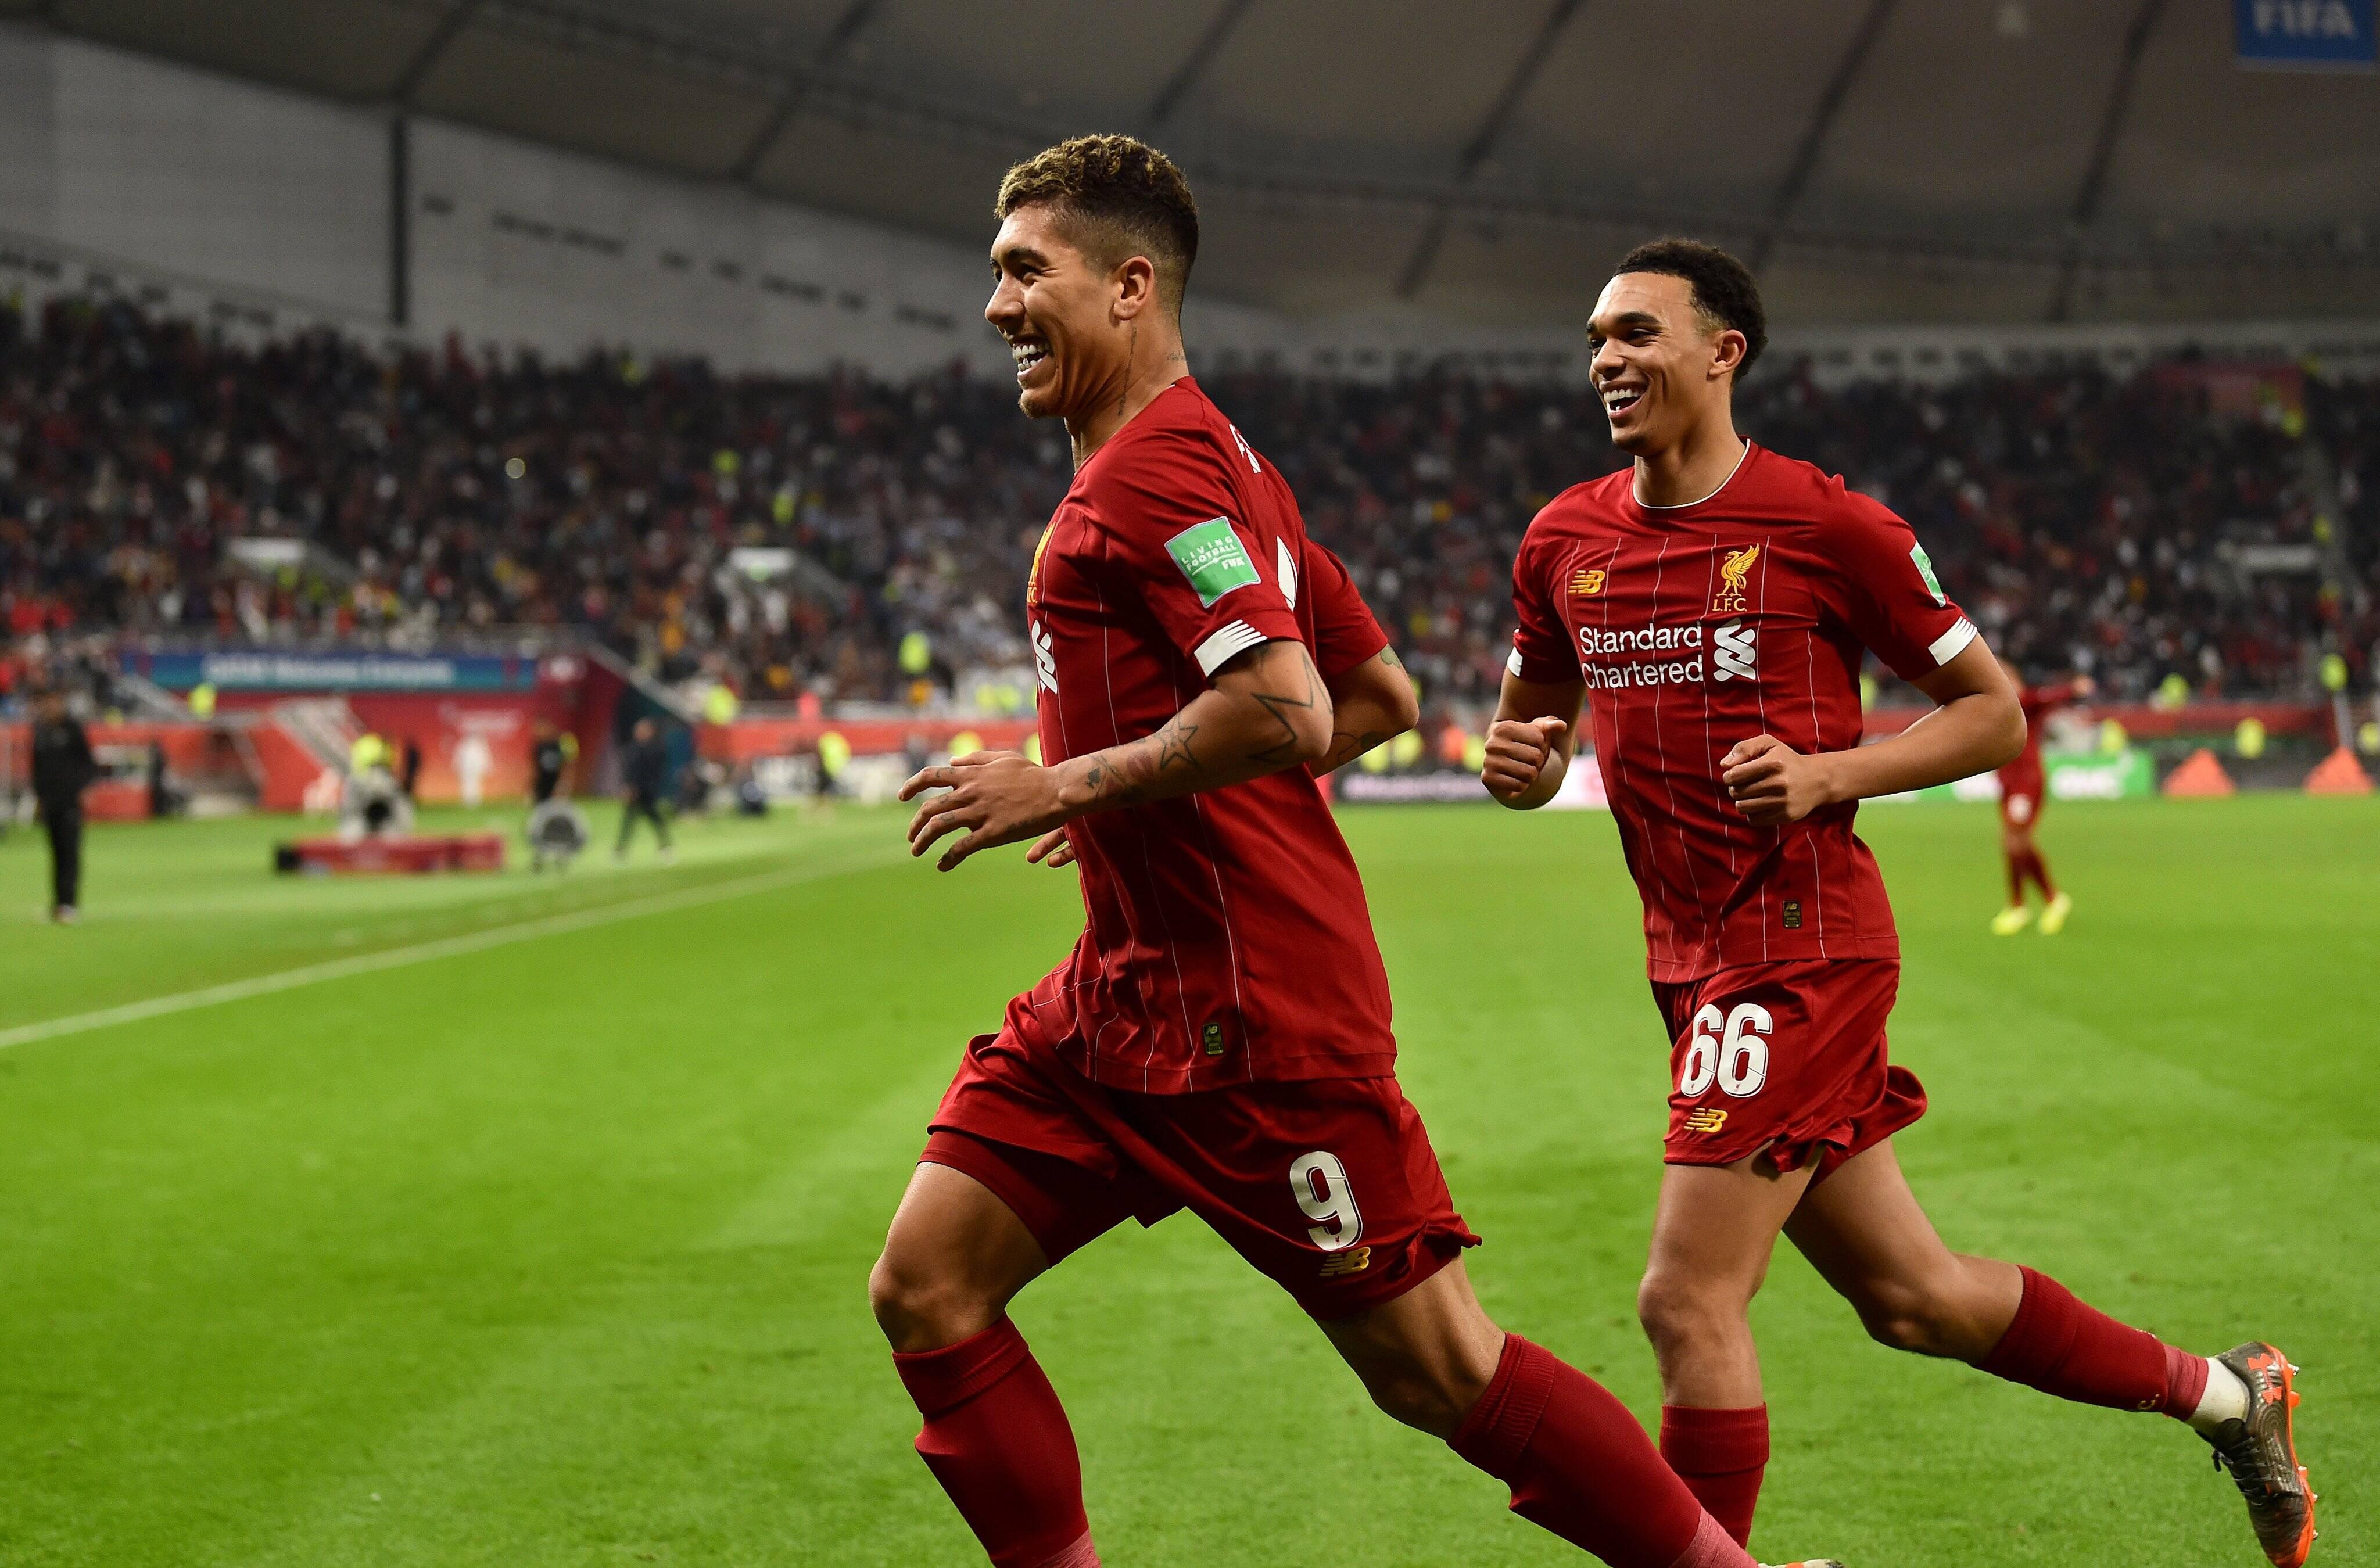 Foto: Reprodução / Liverpool